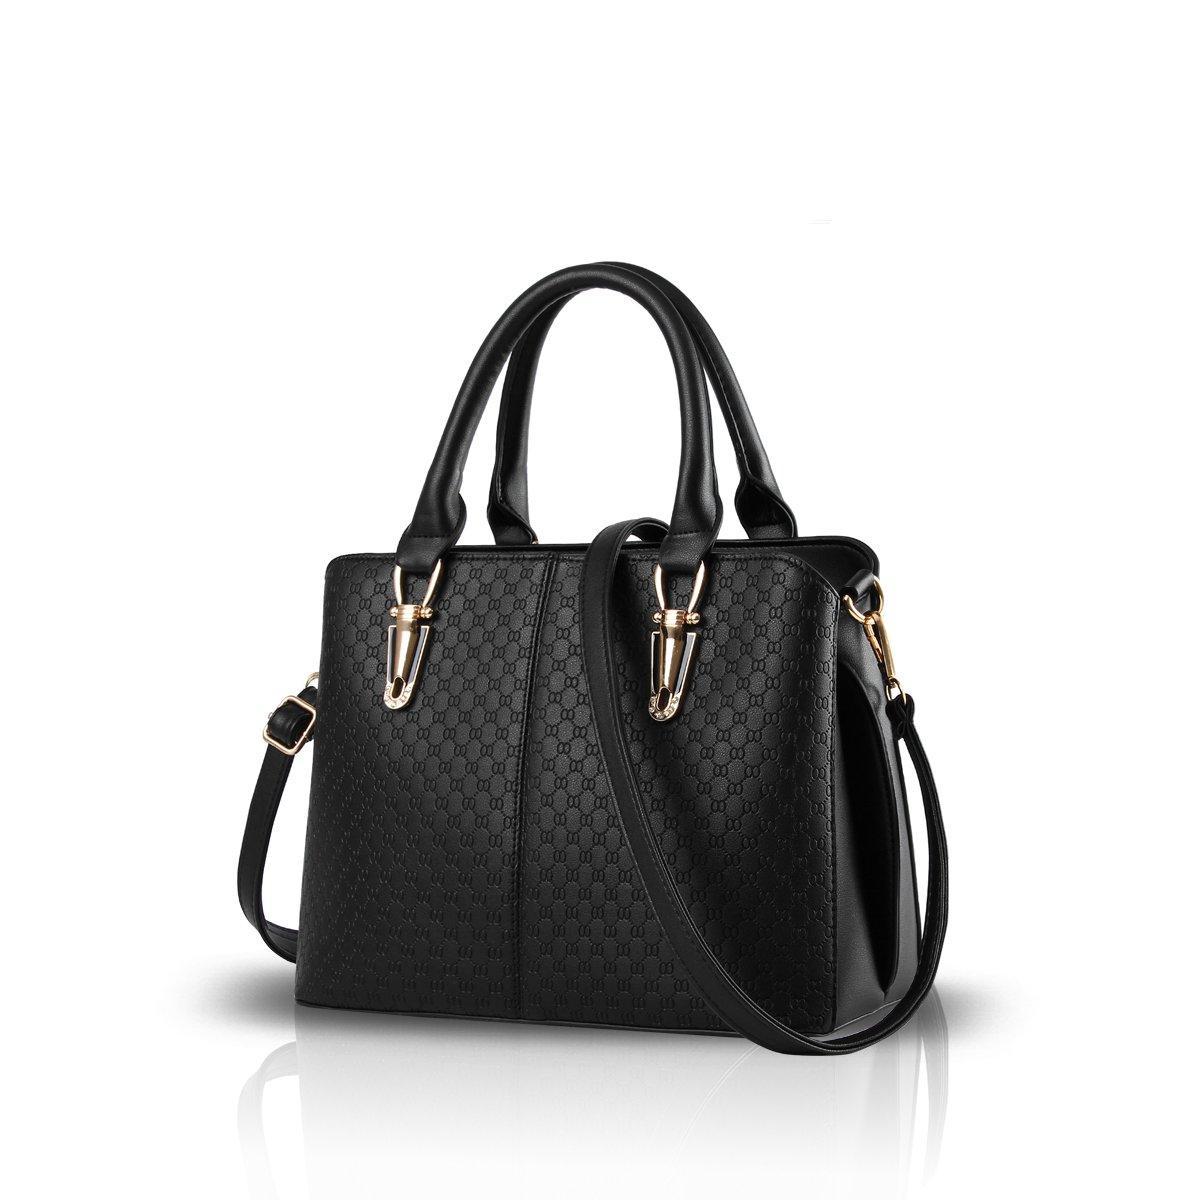 7b8b5e95da Nicole Doris fashion trend female handbag large bag retro handbags casual  shoulder bag Messenger bag for women(Black)  Handbags  Amazon.com